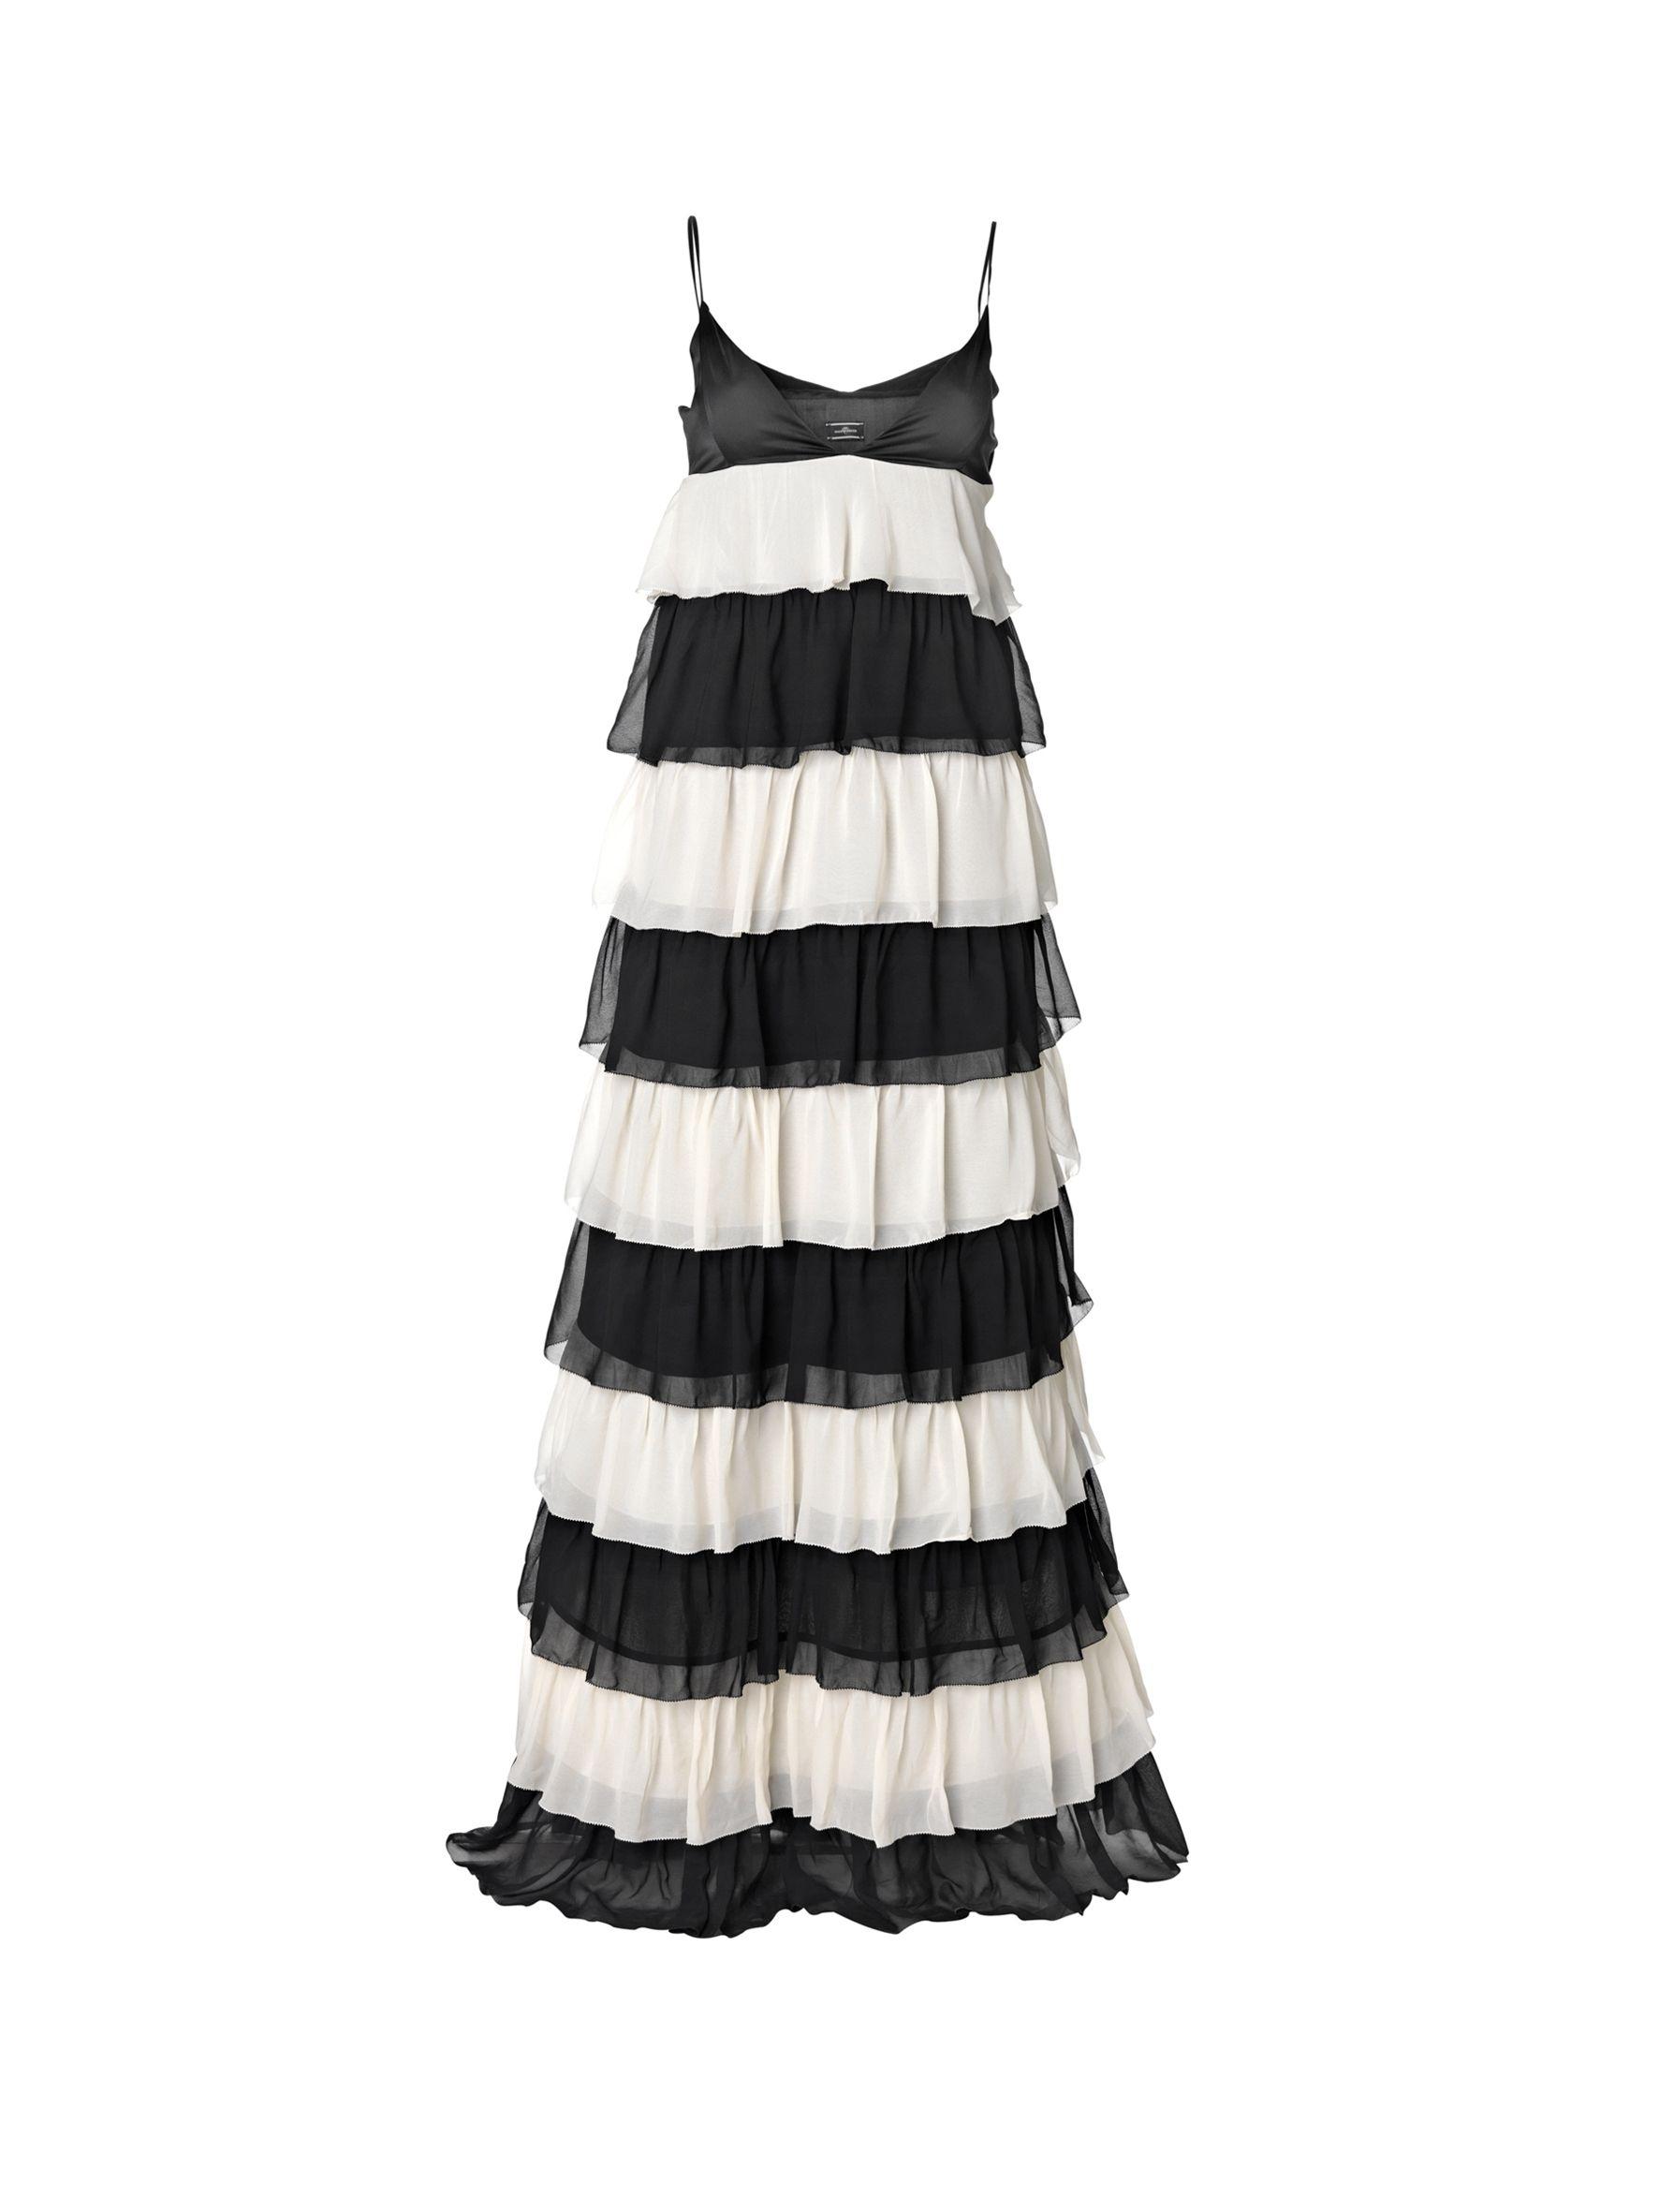 Andriani ruffle dress my style pinterest ruffle dress ruffles